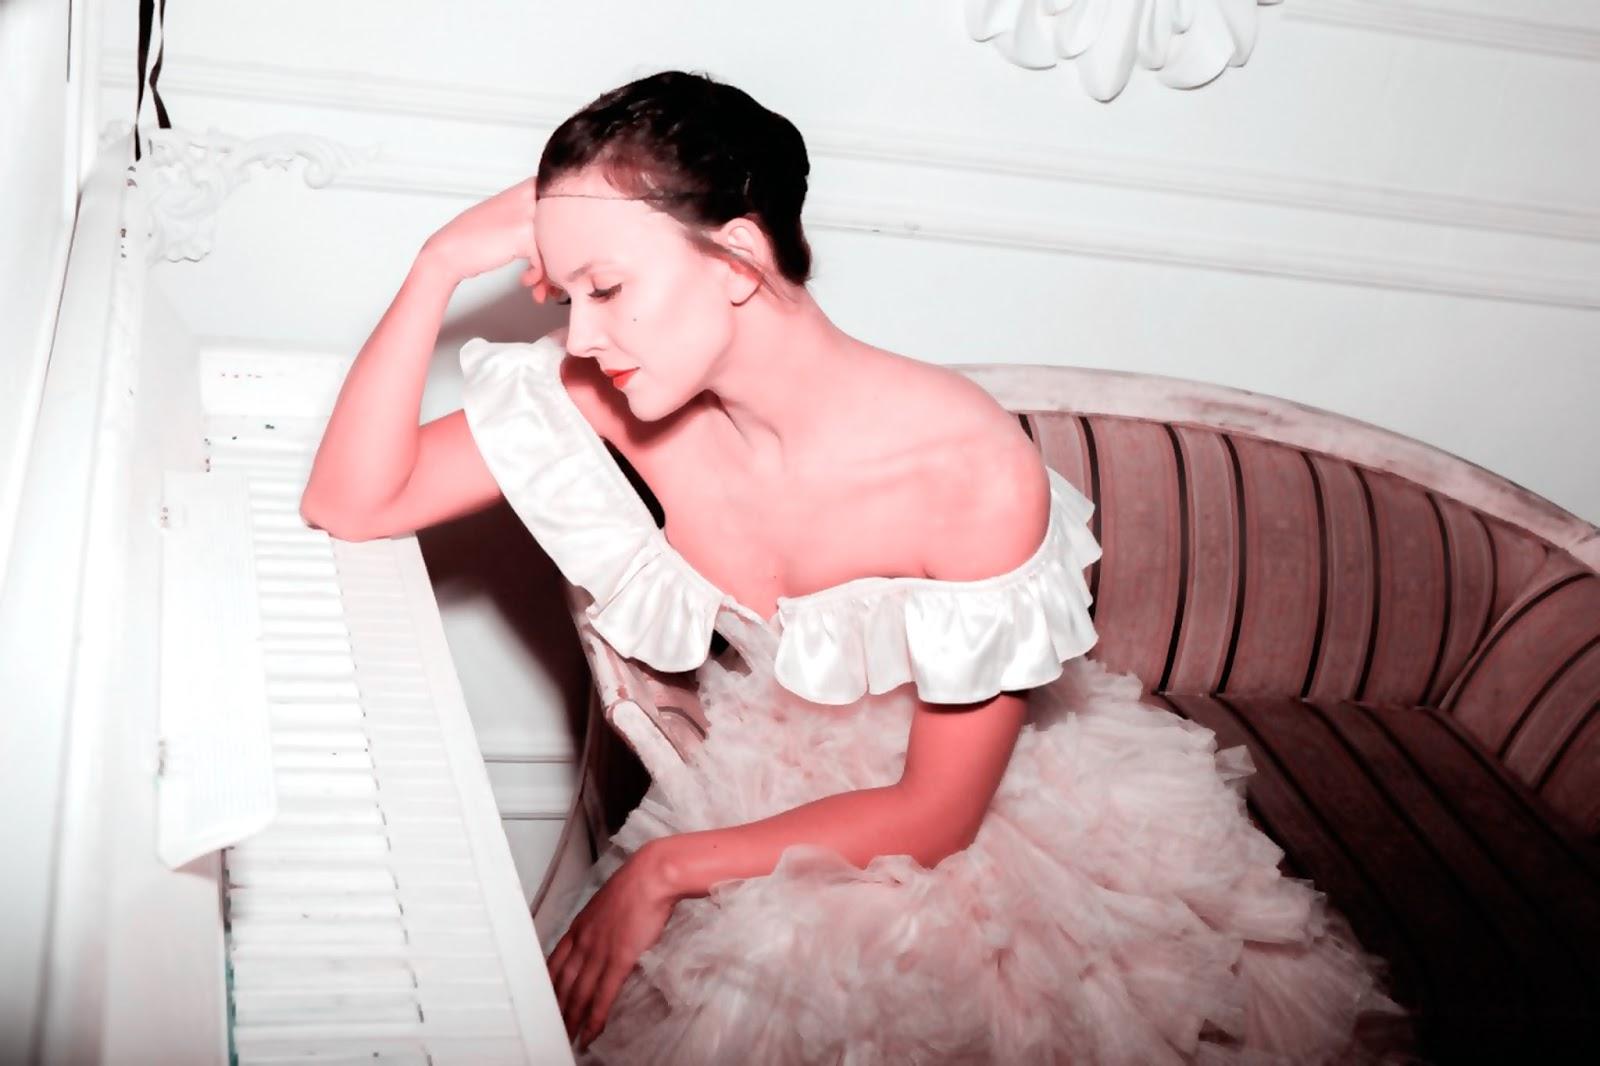 Как сохранить молодость кожи лица и выглядеть на 25 до самой пенсии. 3 золотых правила. Автор actress Nataly Tsvetkova, writer. Со-автор Producer Niclav S., Doctor of Sc.